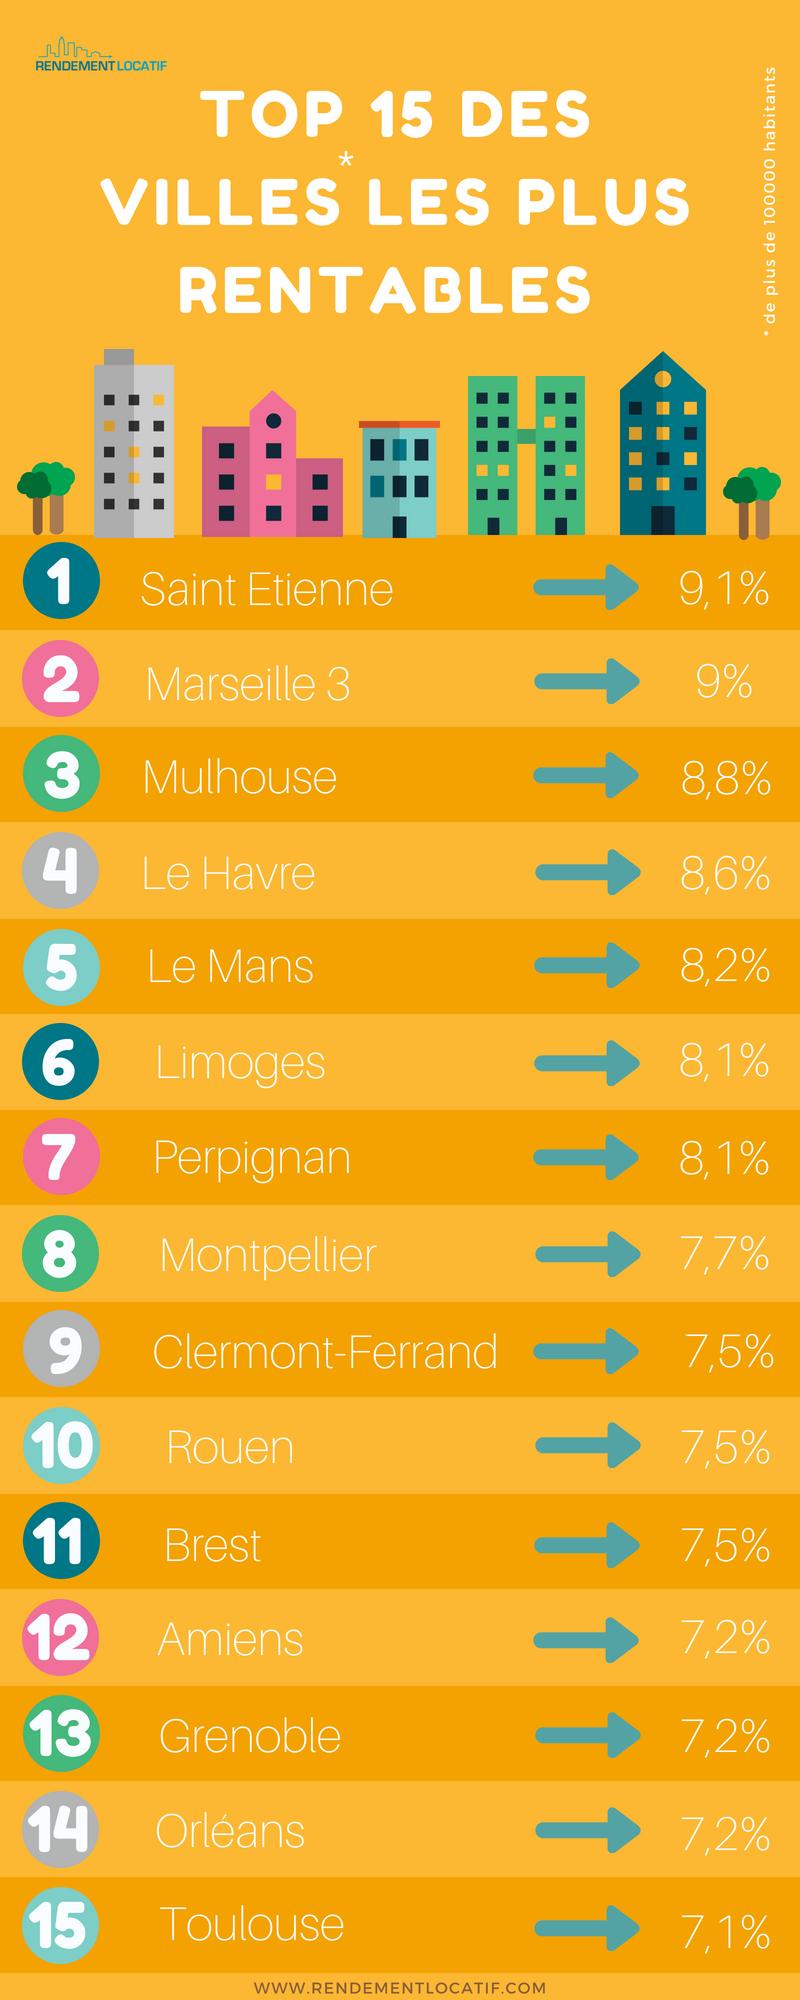 TOP 15 des villes les plus rentables infographie